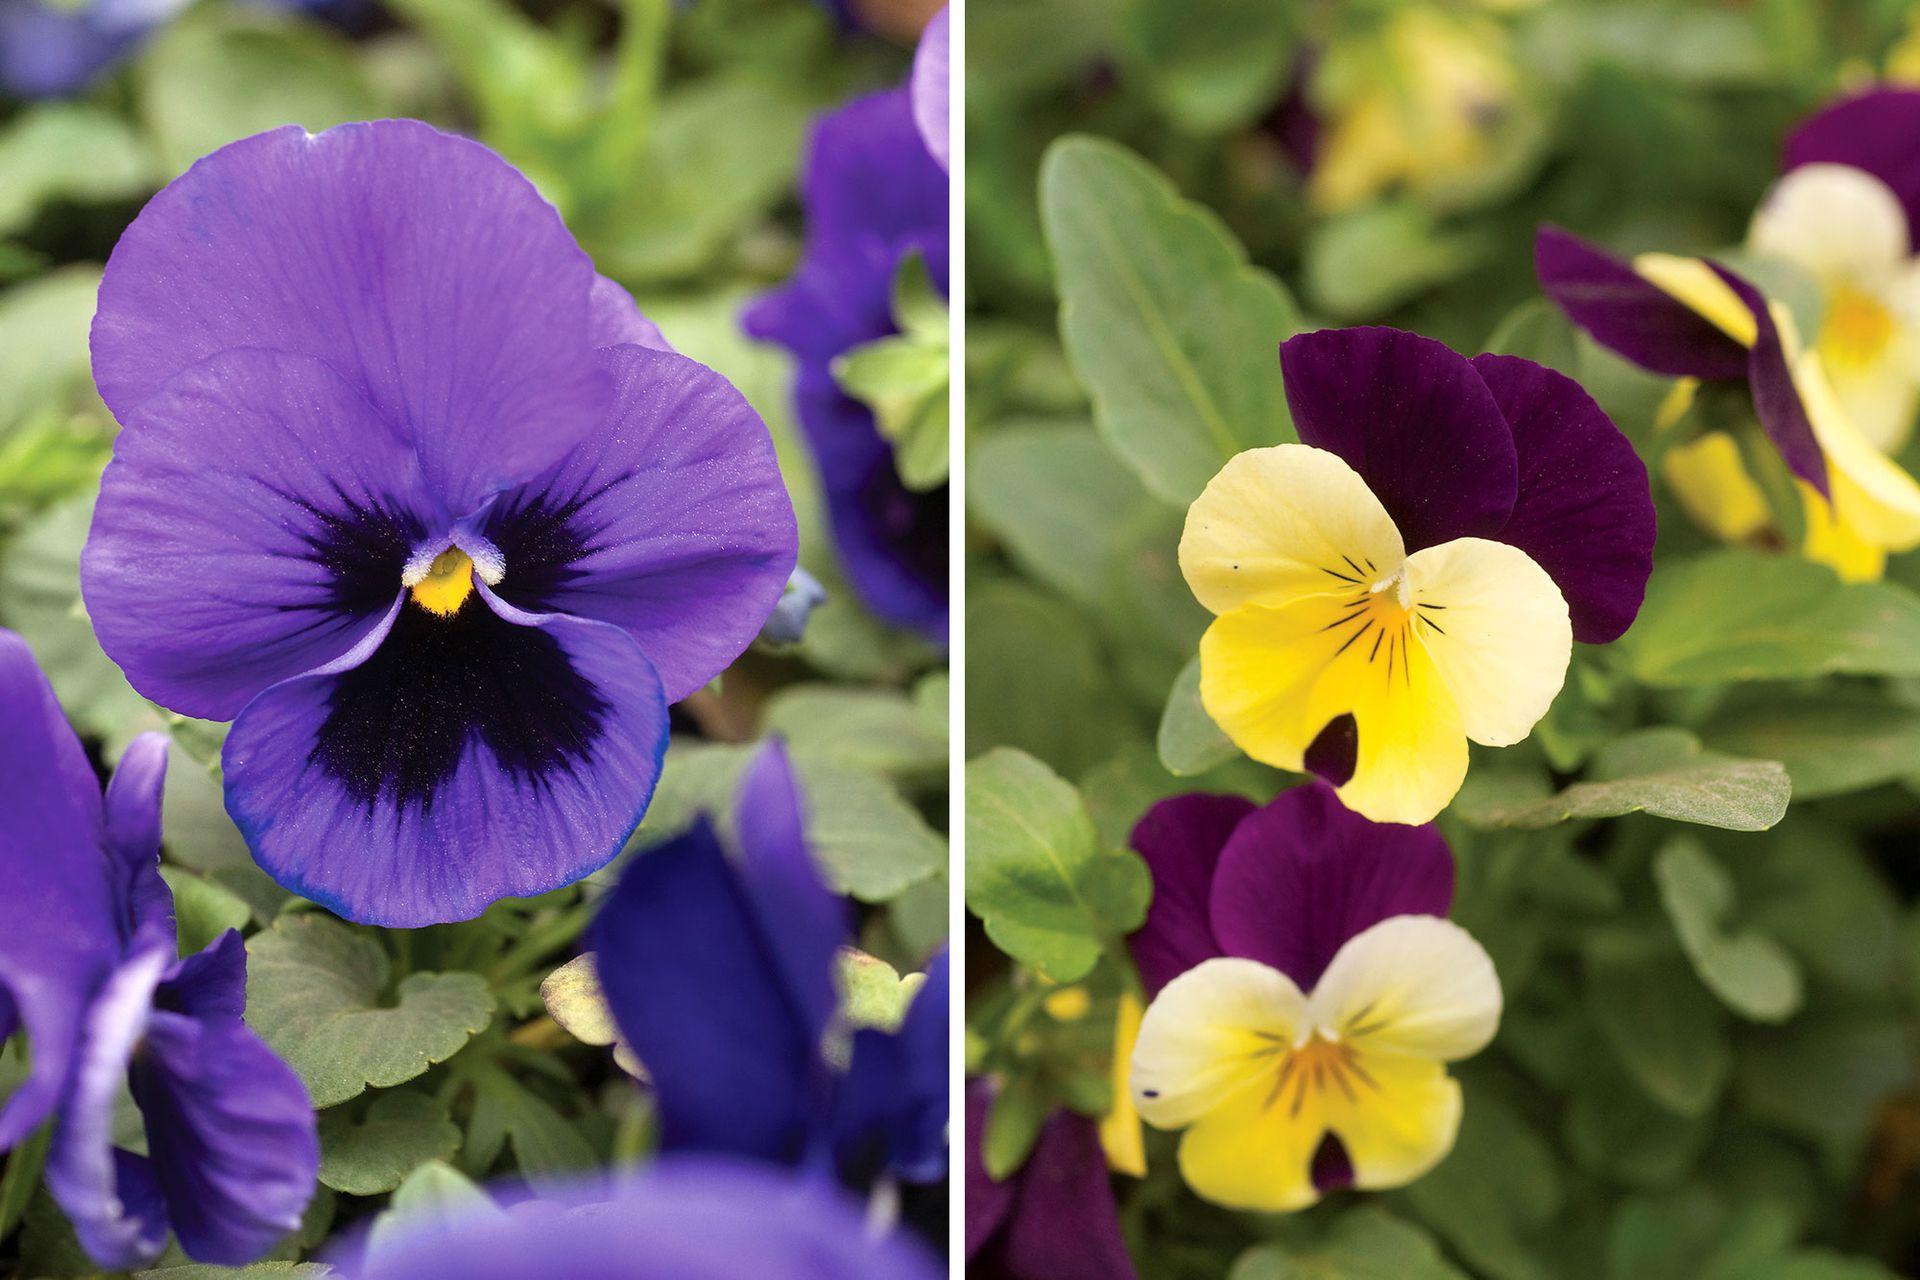 Pensamientos. De la familia de las Violáceas, es una especie de origen europeo que da flores, por lo general, tricolores.